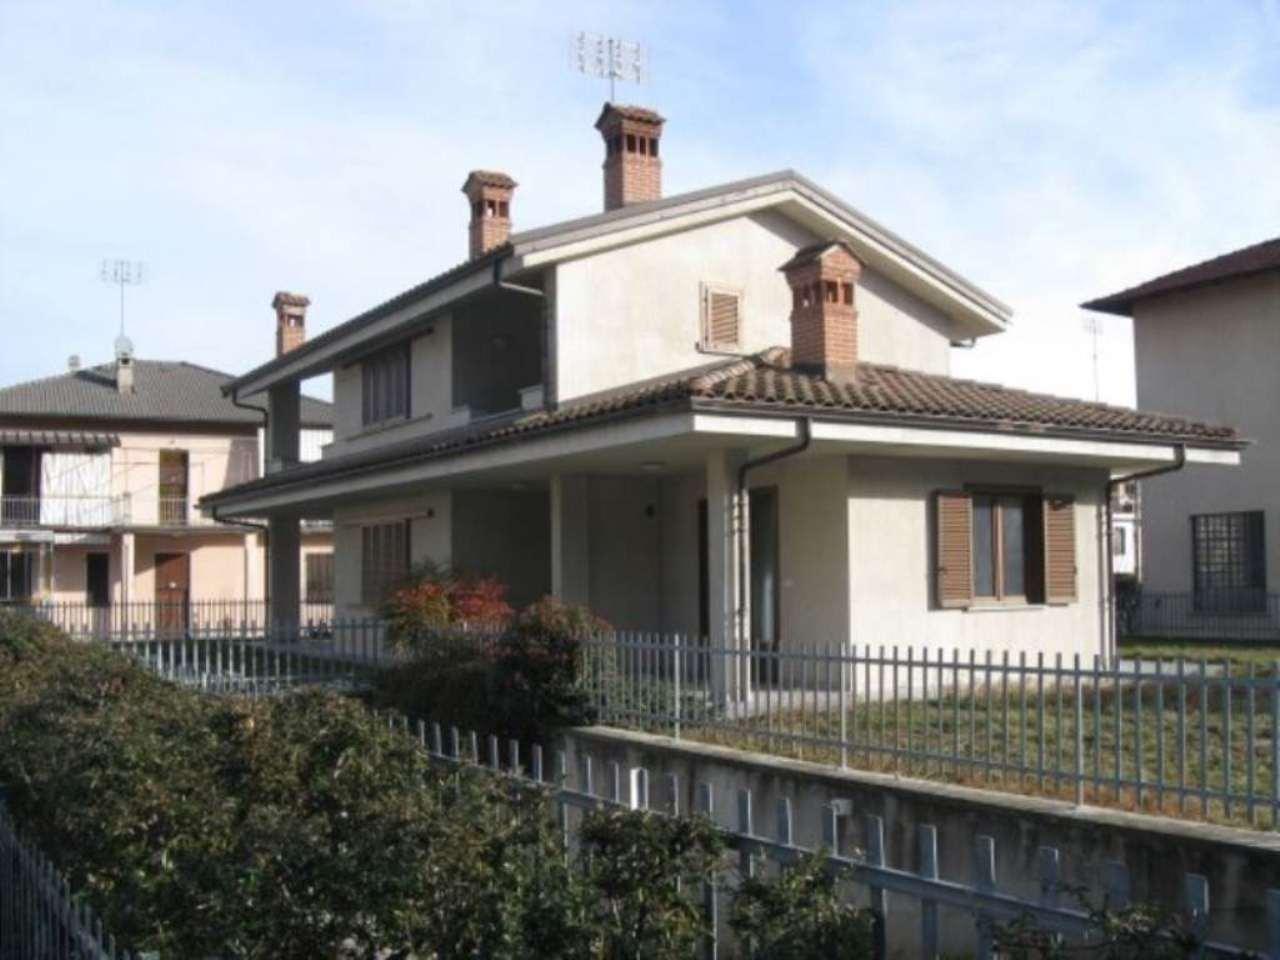 Villa in vendita a Borgo San Dalmazzo, 4 locali, Trattative riservate | Cambio Casa.it